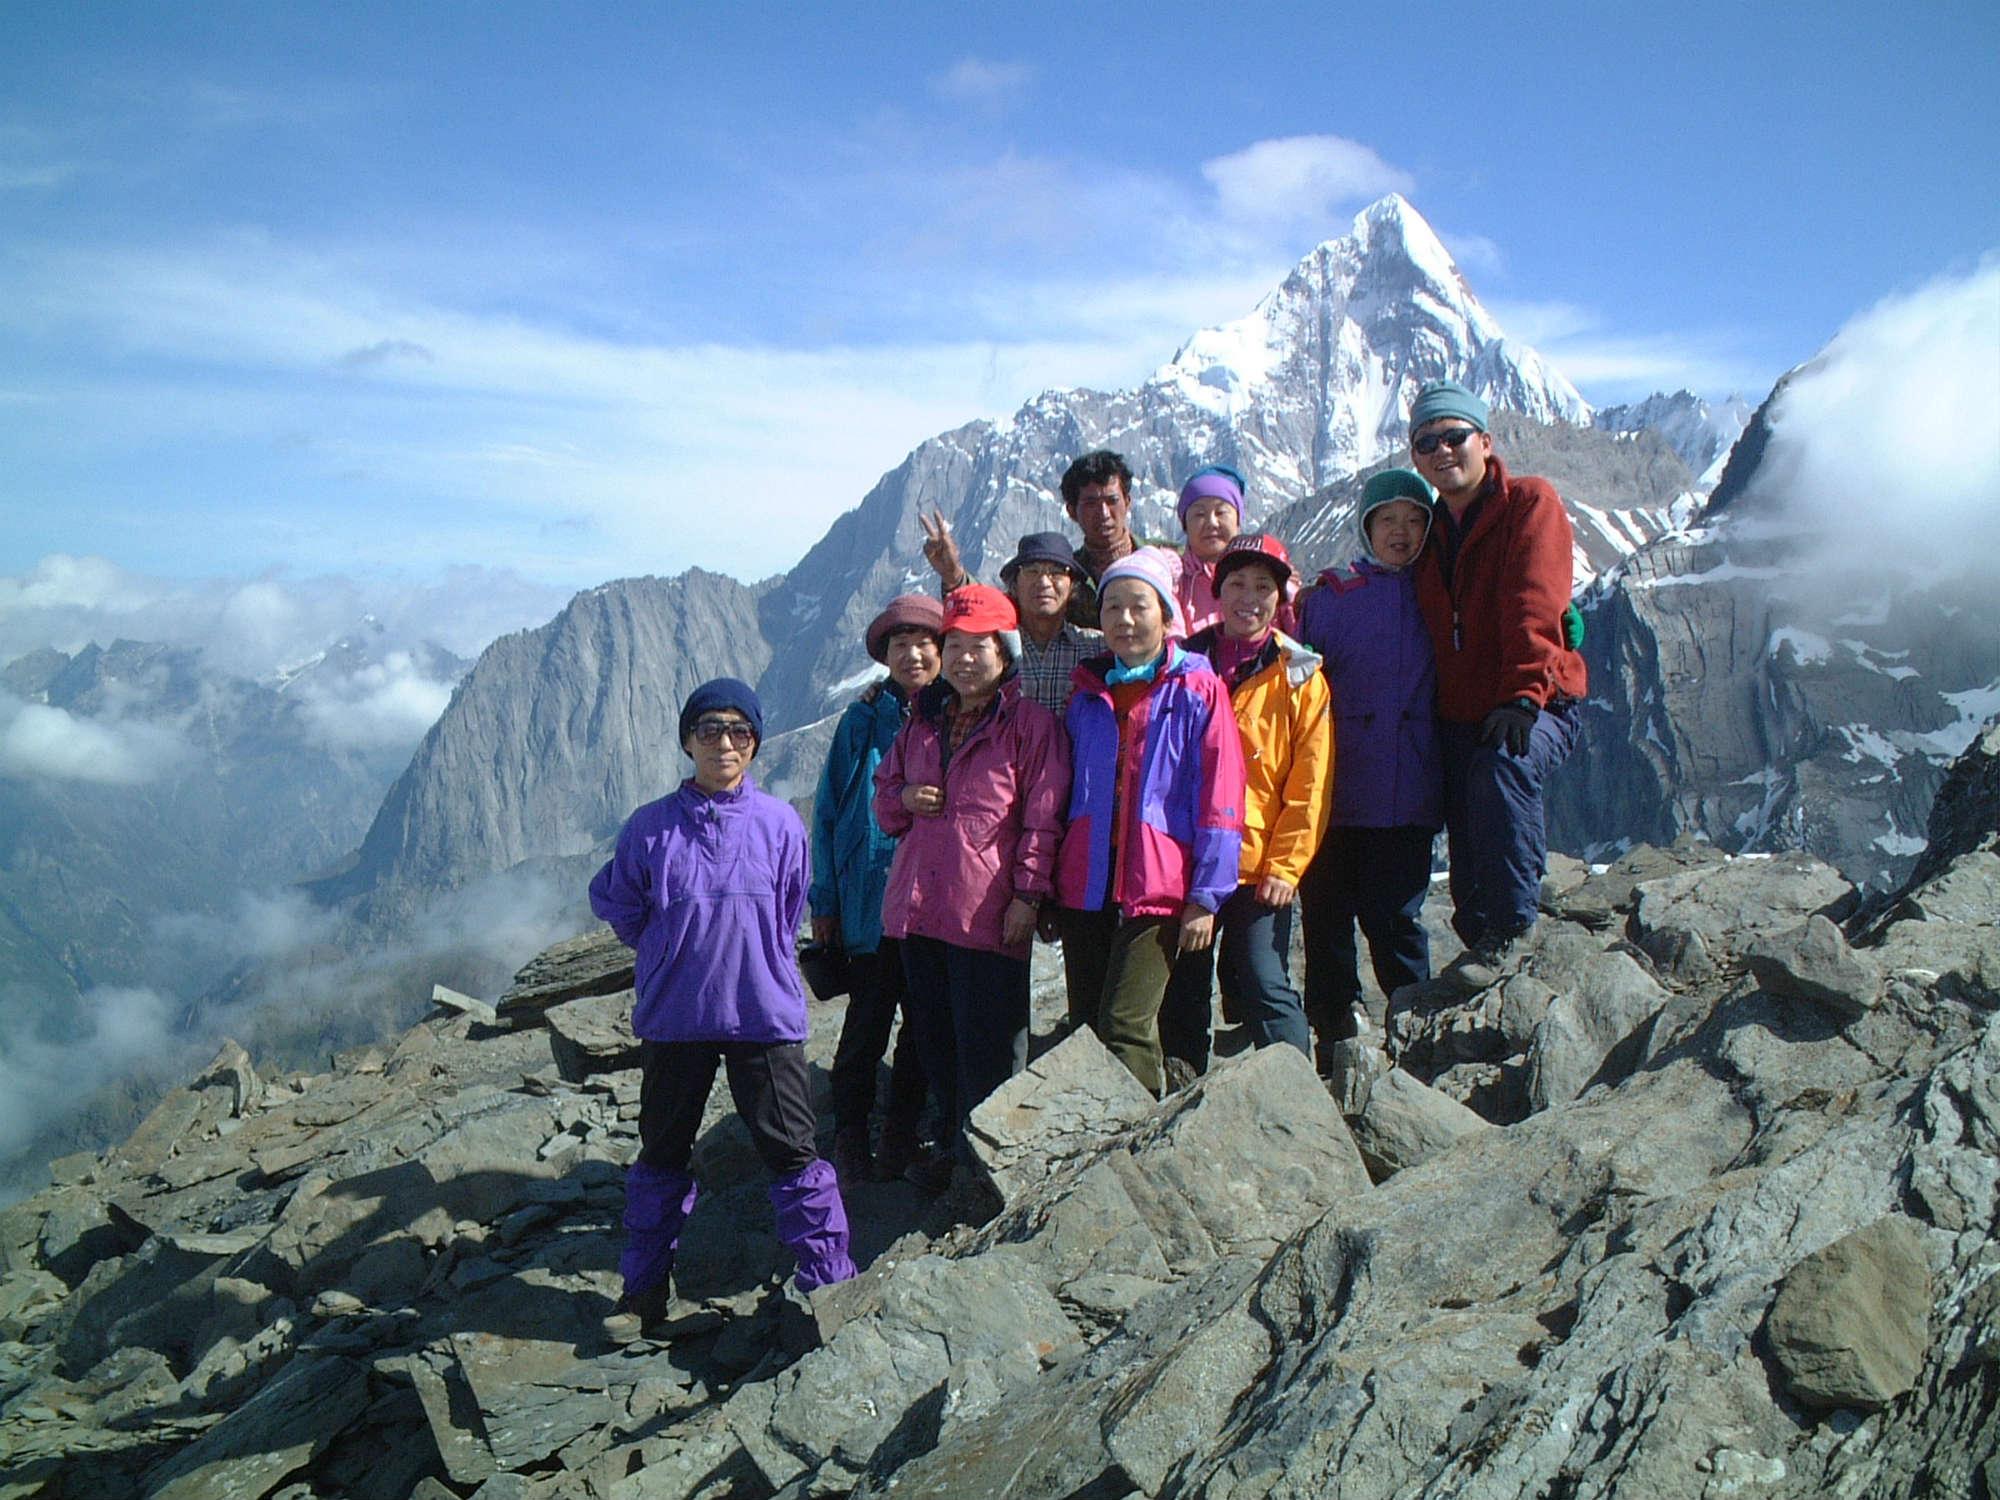 大姑娘山登頂と四姑娘山トレッキング10日間